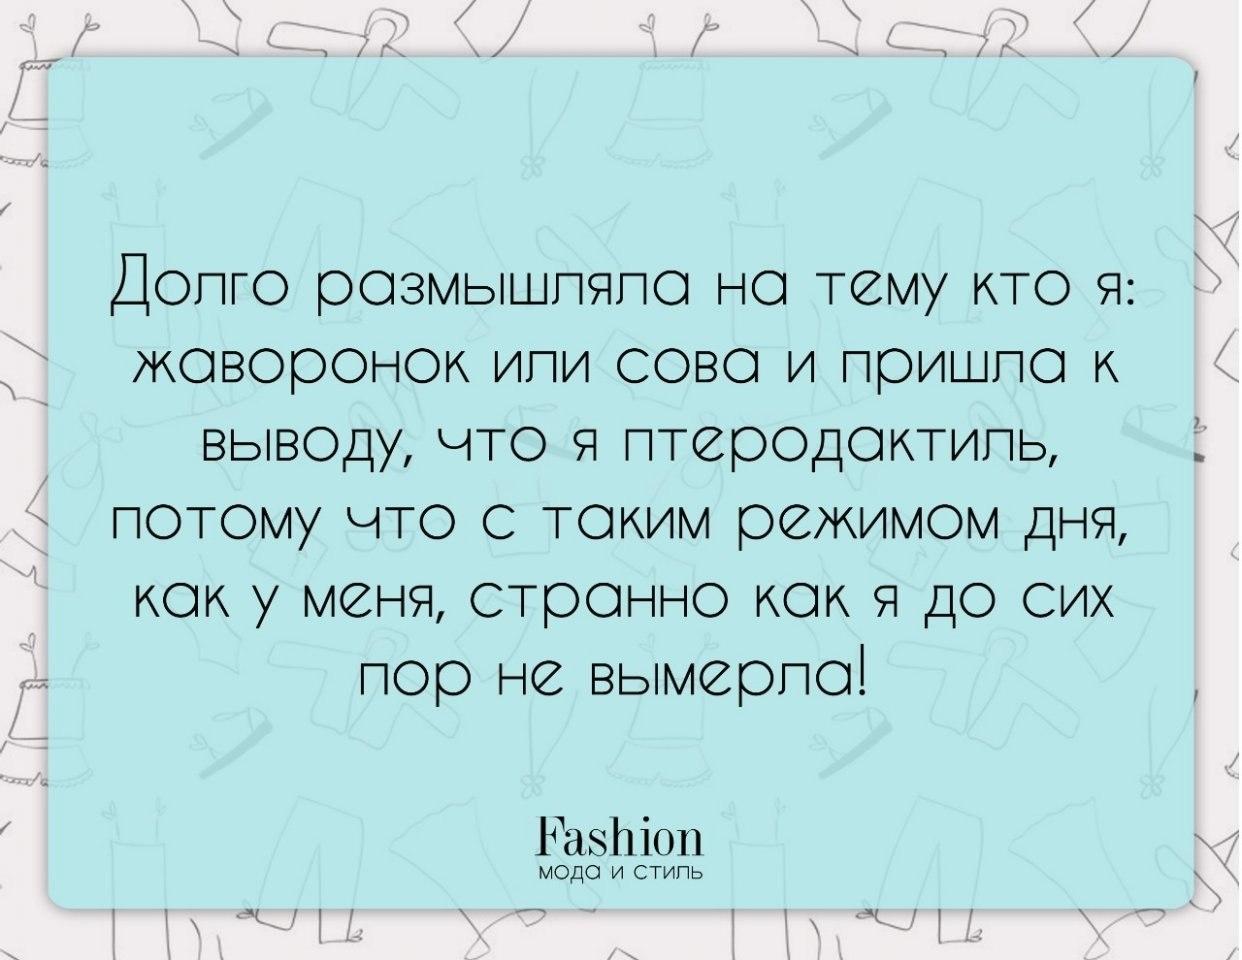 https://i1.u-mama.ru/d4d/99a/a84/6b4e7d6710a79ad3c4d4cc55b429d738.jpg